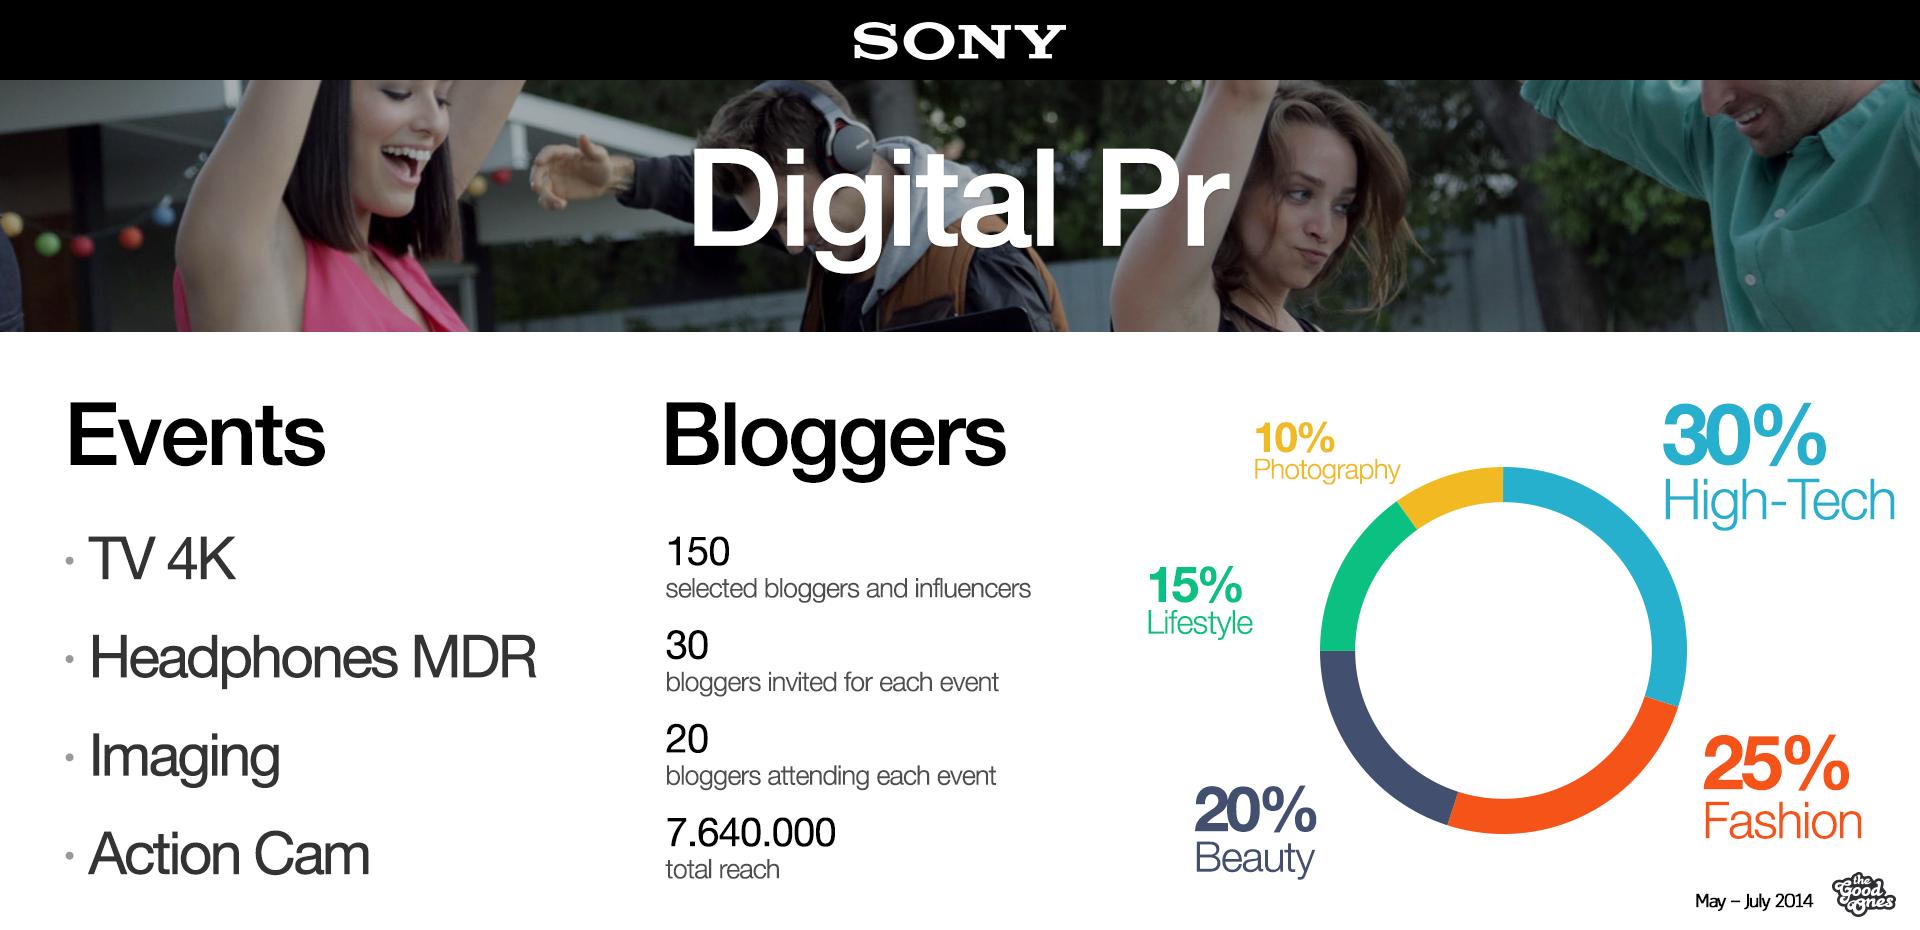 Le nostre digital pr per Sony